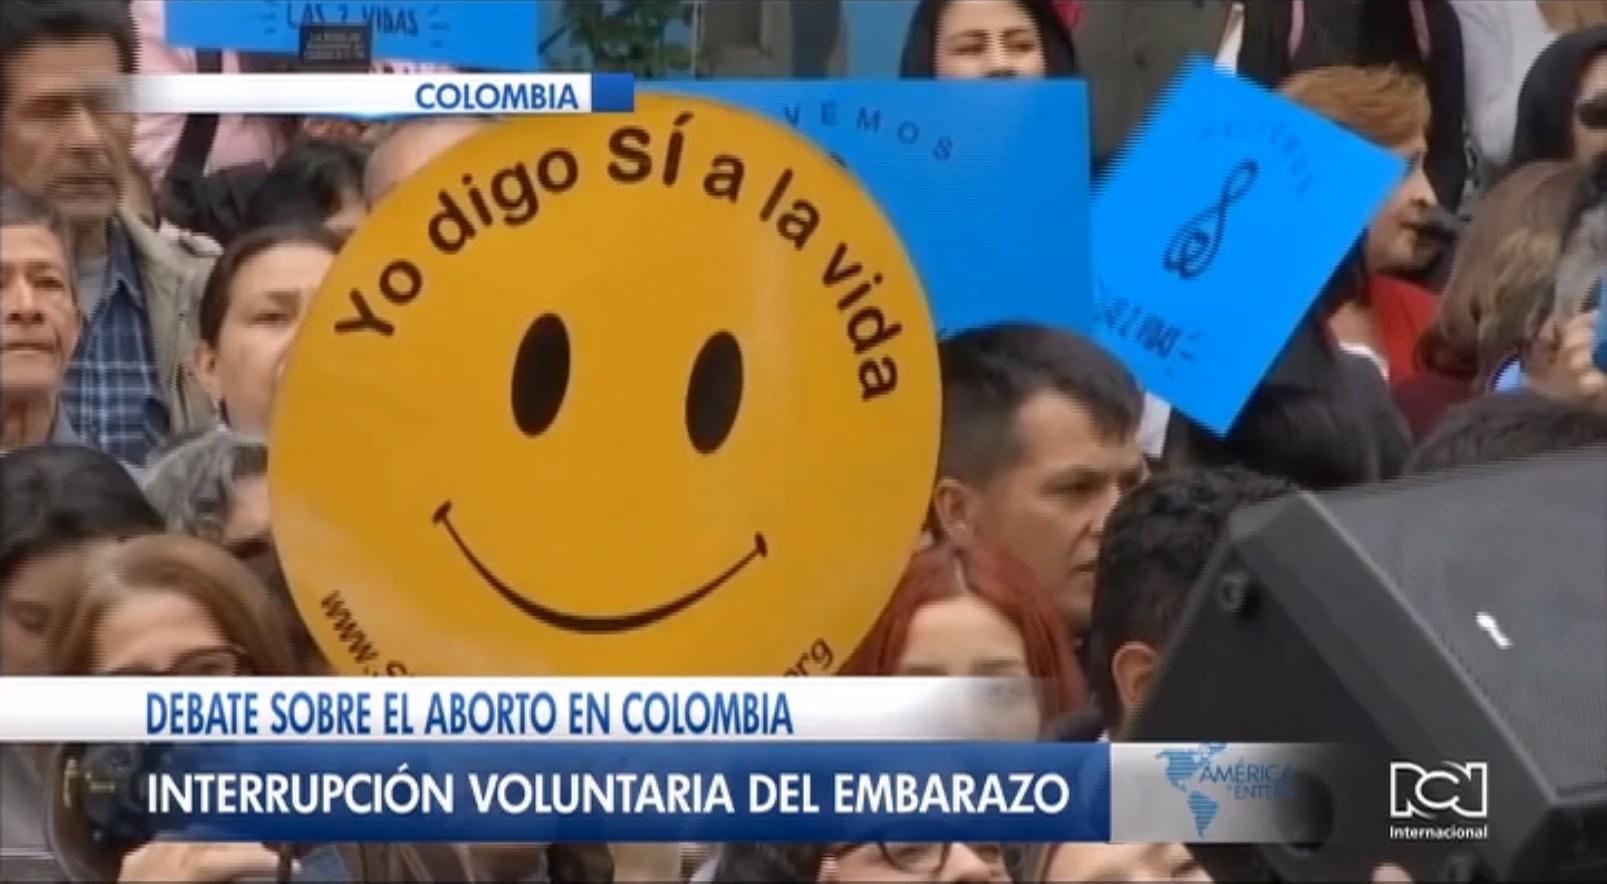 Legalización del aborto vuelve a estar sobre la mesa del debate en Colombia